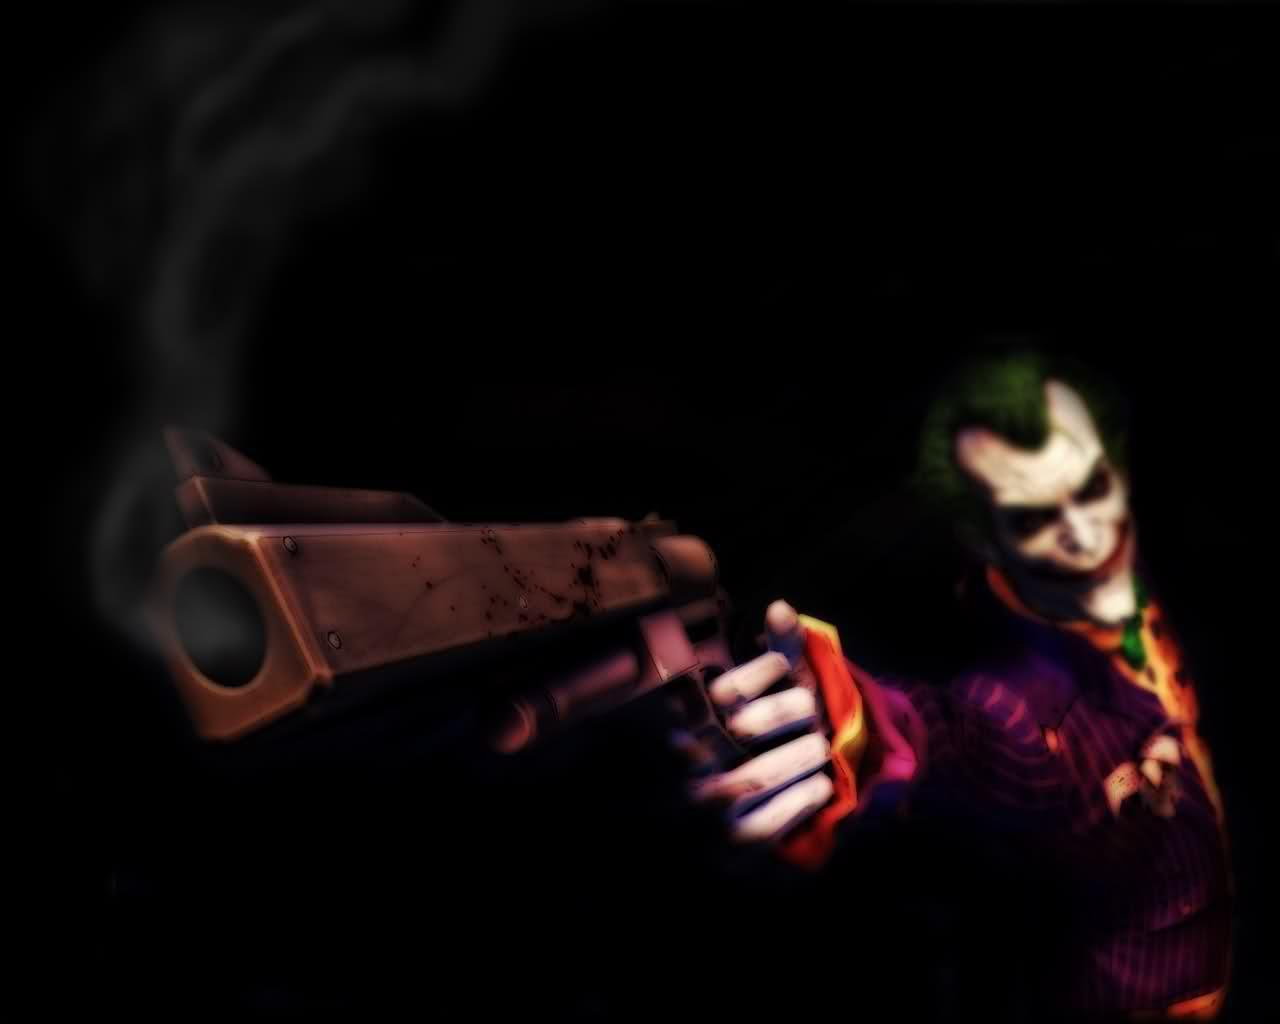 Batman Arkham Asylum Joker Wallpaper Batman arkham asylum joker 1280x1024